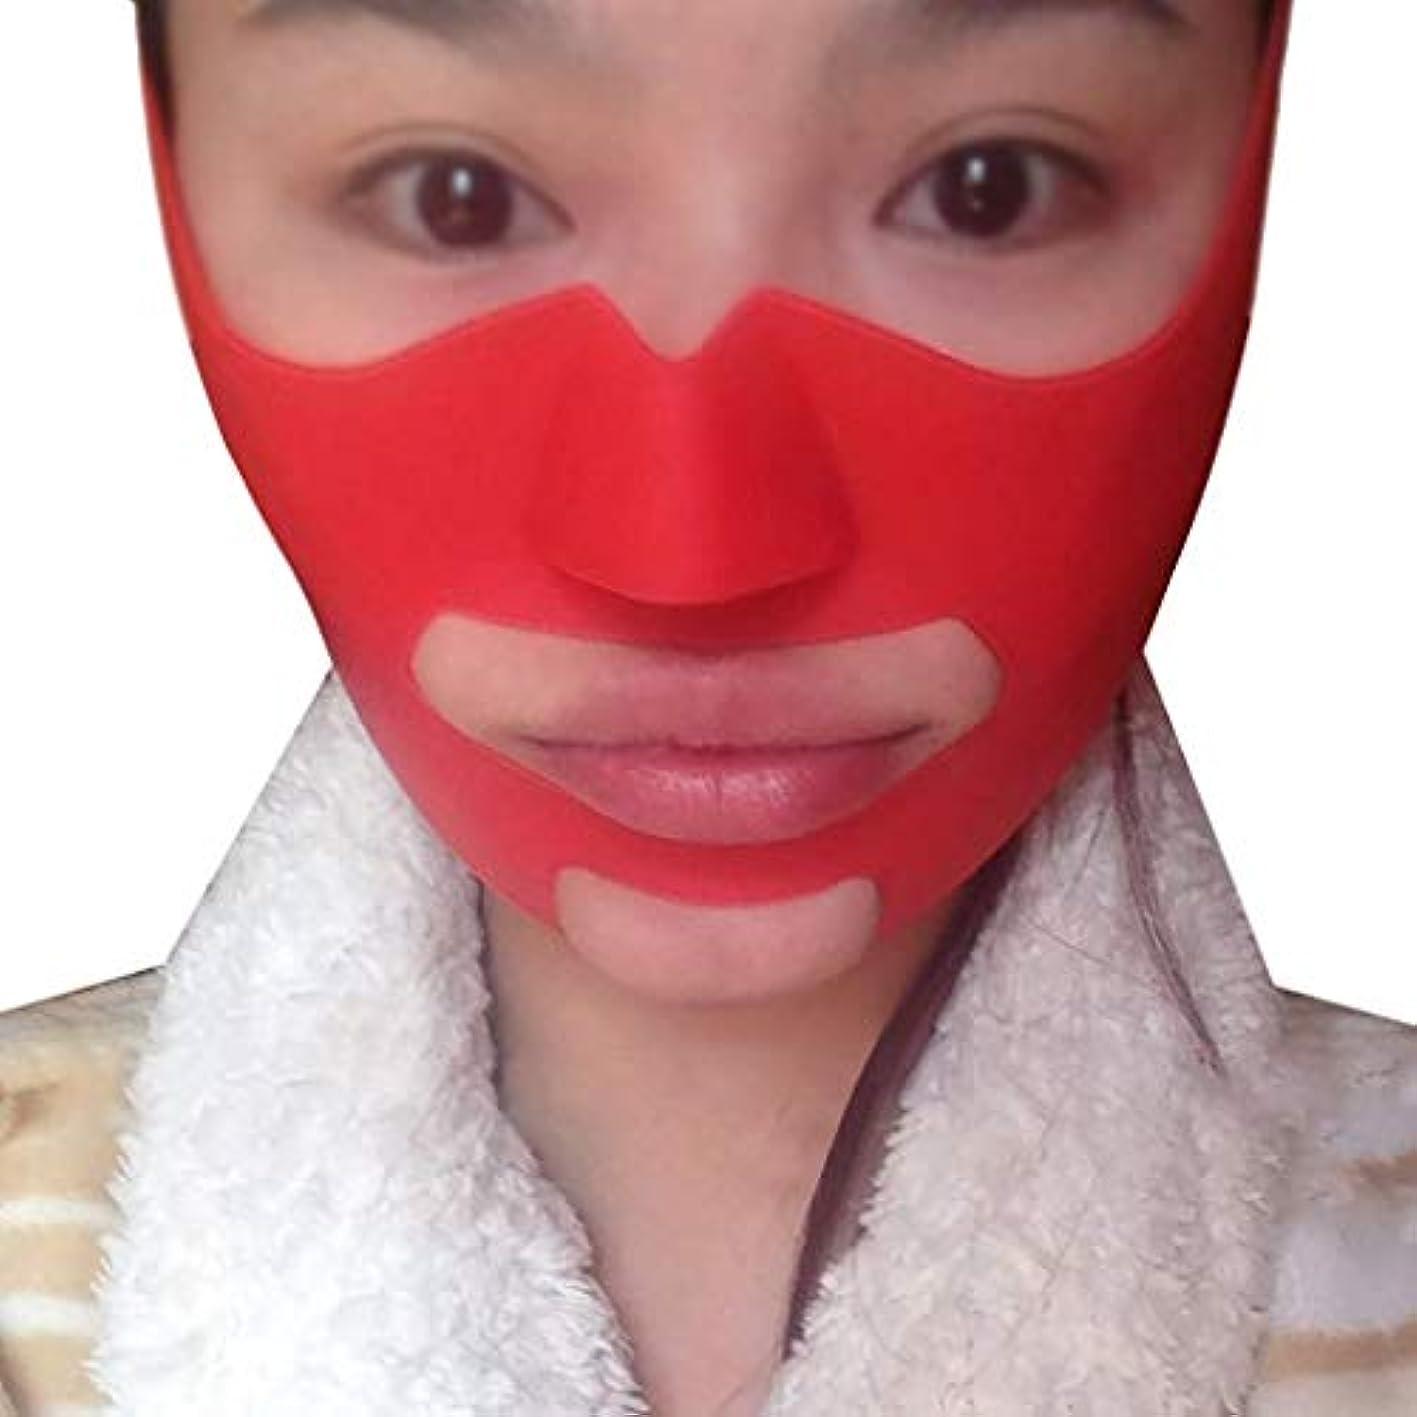 最終的に鼓舞する雲フェイスリフトマスク、シリコーンVフェイスマスクフェイスマスク強力な薄い咬筋筋肉を持ち上げるアップルの筋肉パターン布アーティファクト小さなV顔包帯顔と首リフト